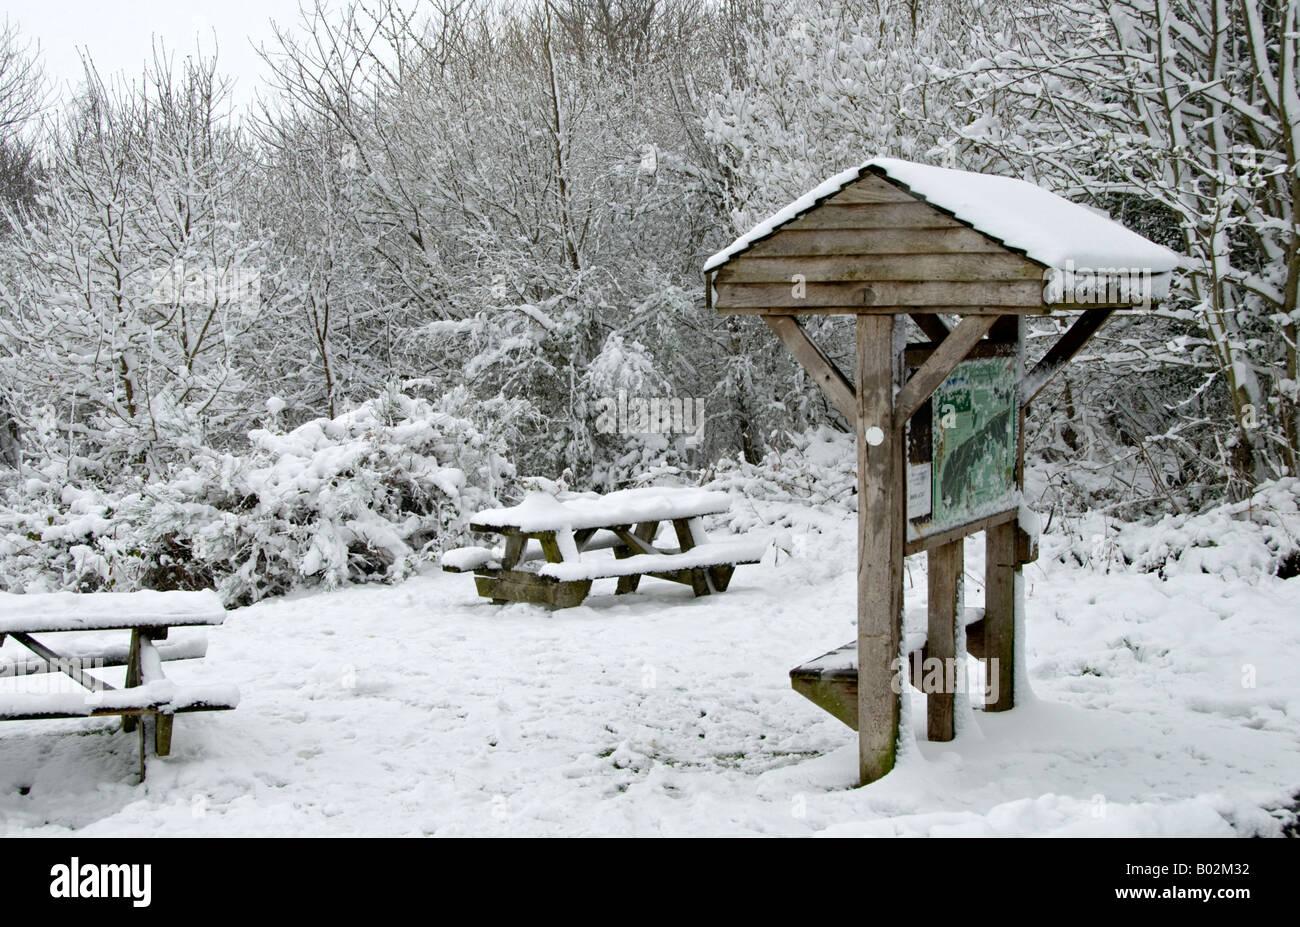 Una escena de nieve cerca de la colina de ide, Kent, Inglaterra. Foto de stock